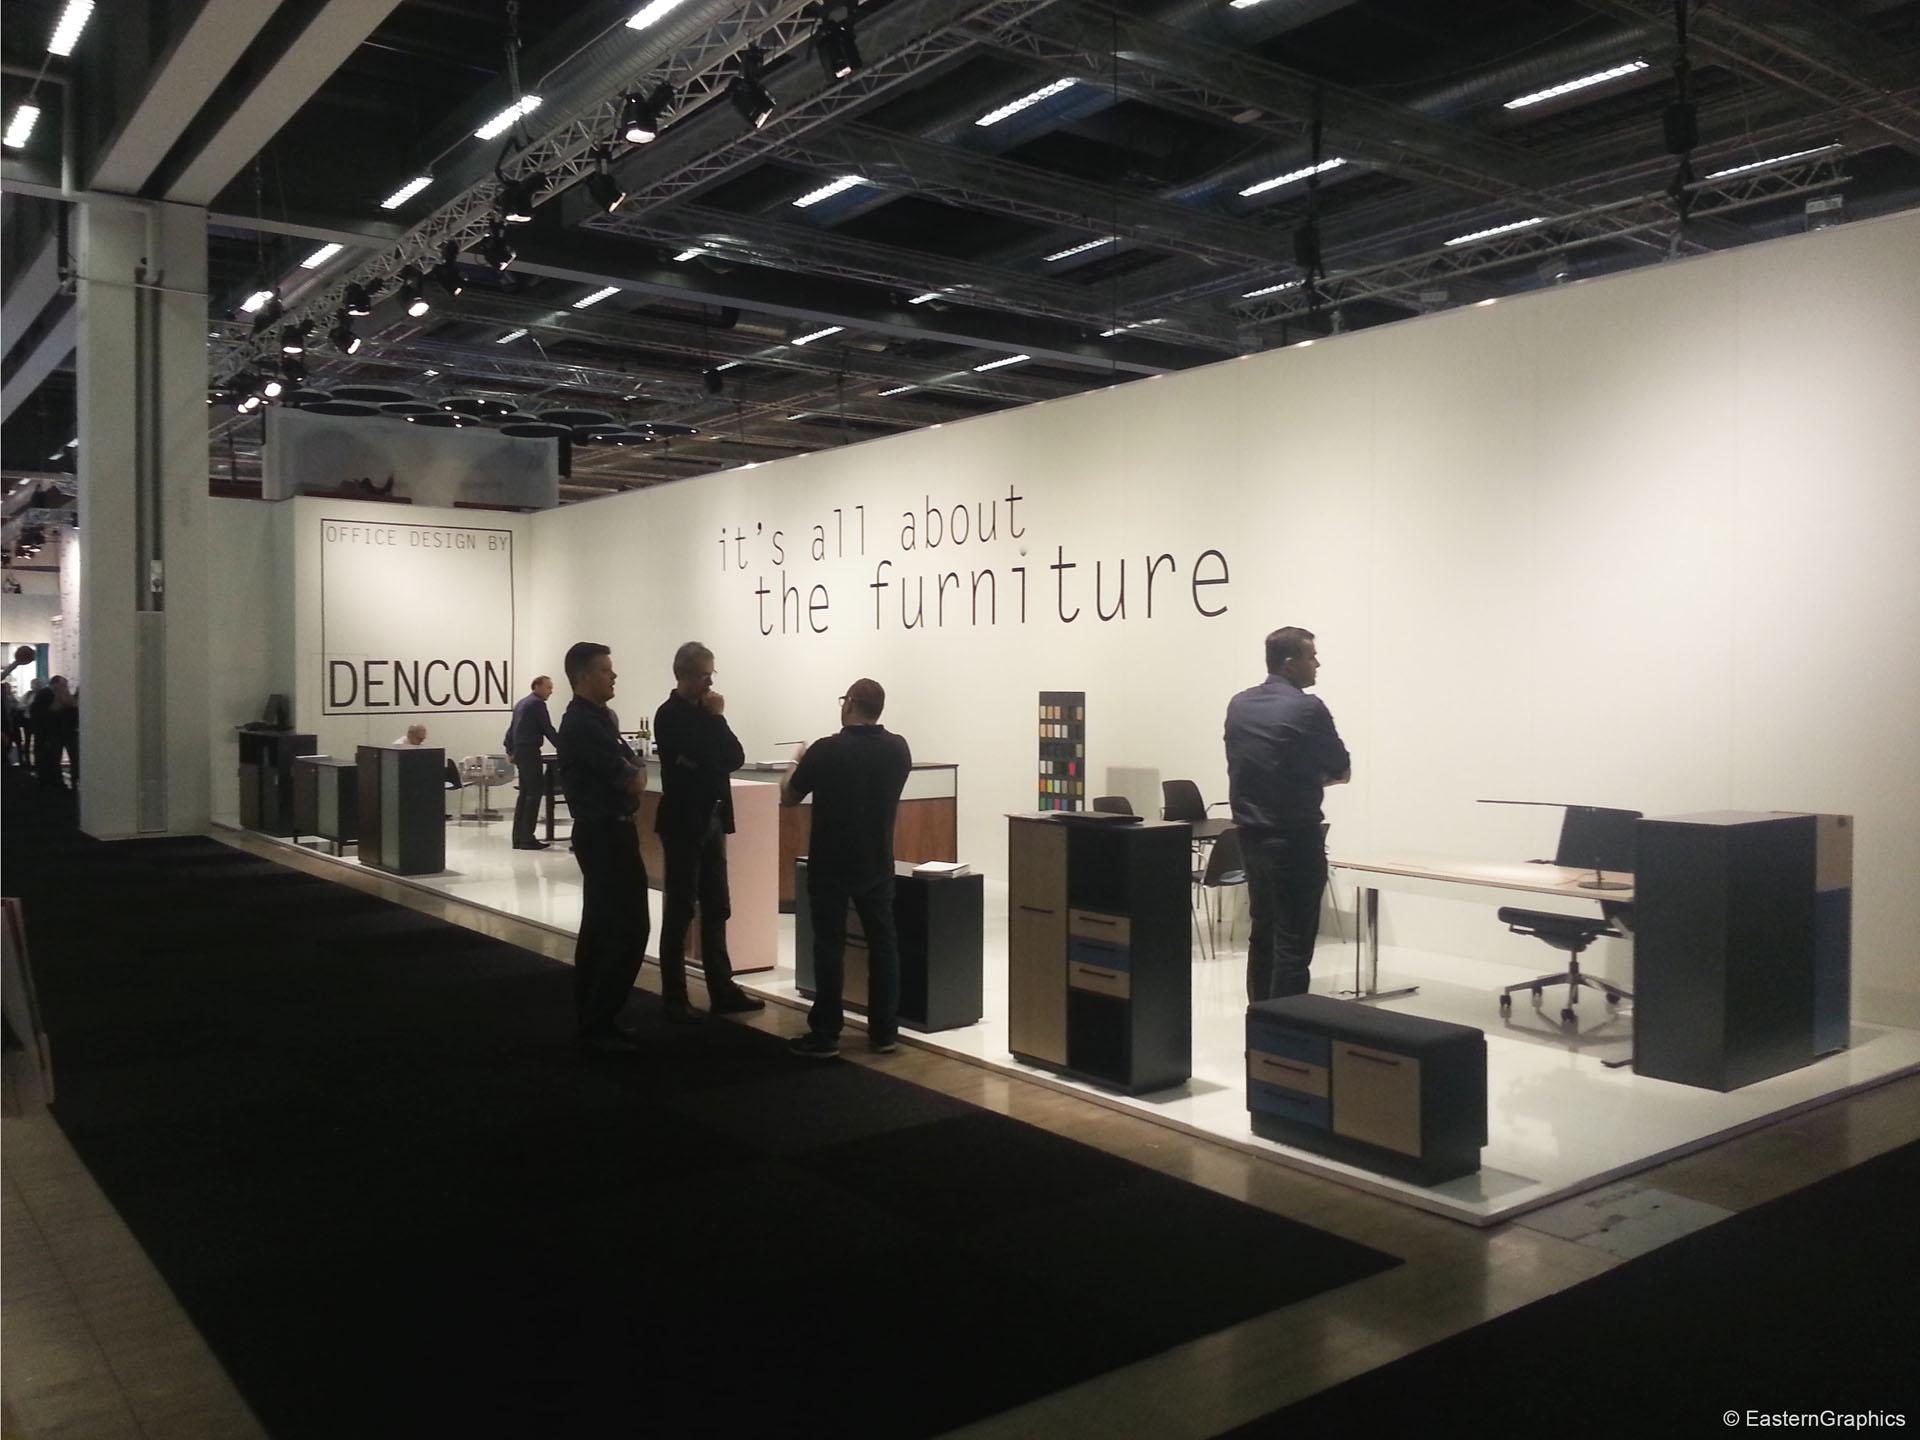 Eindrücke der Stockholm Furniture & Light Fair 2015 - Dencon